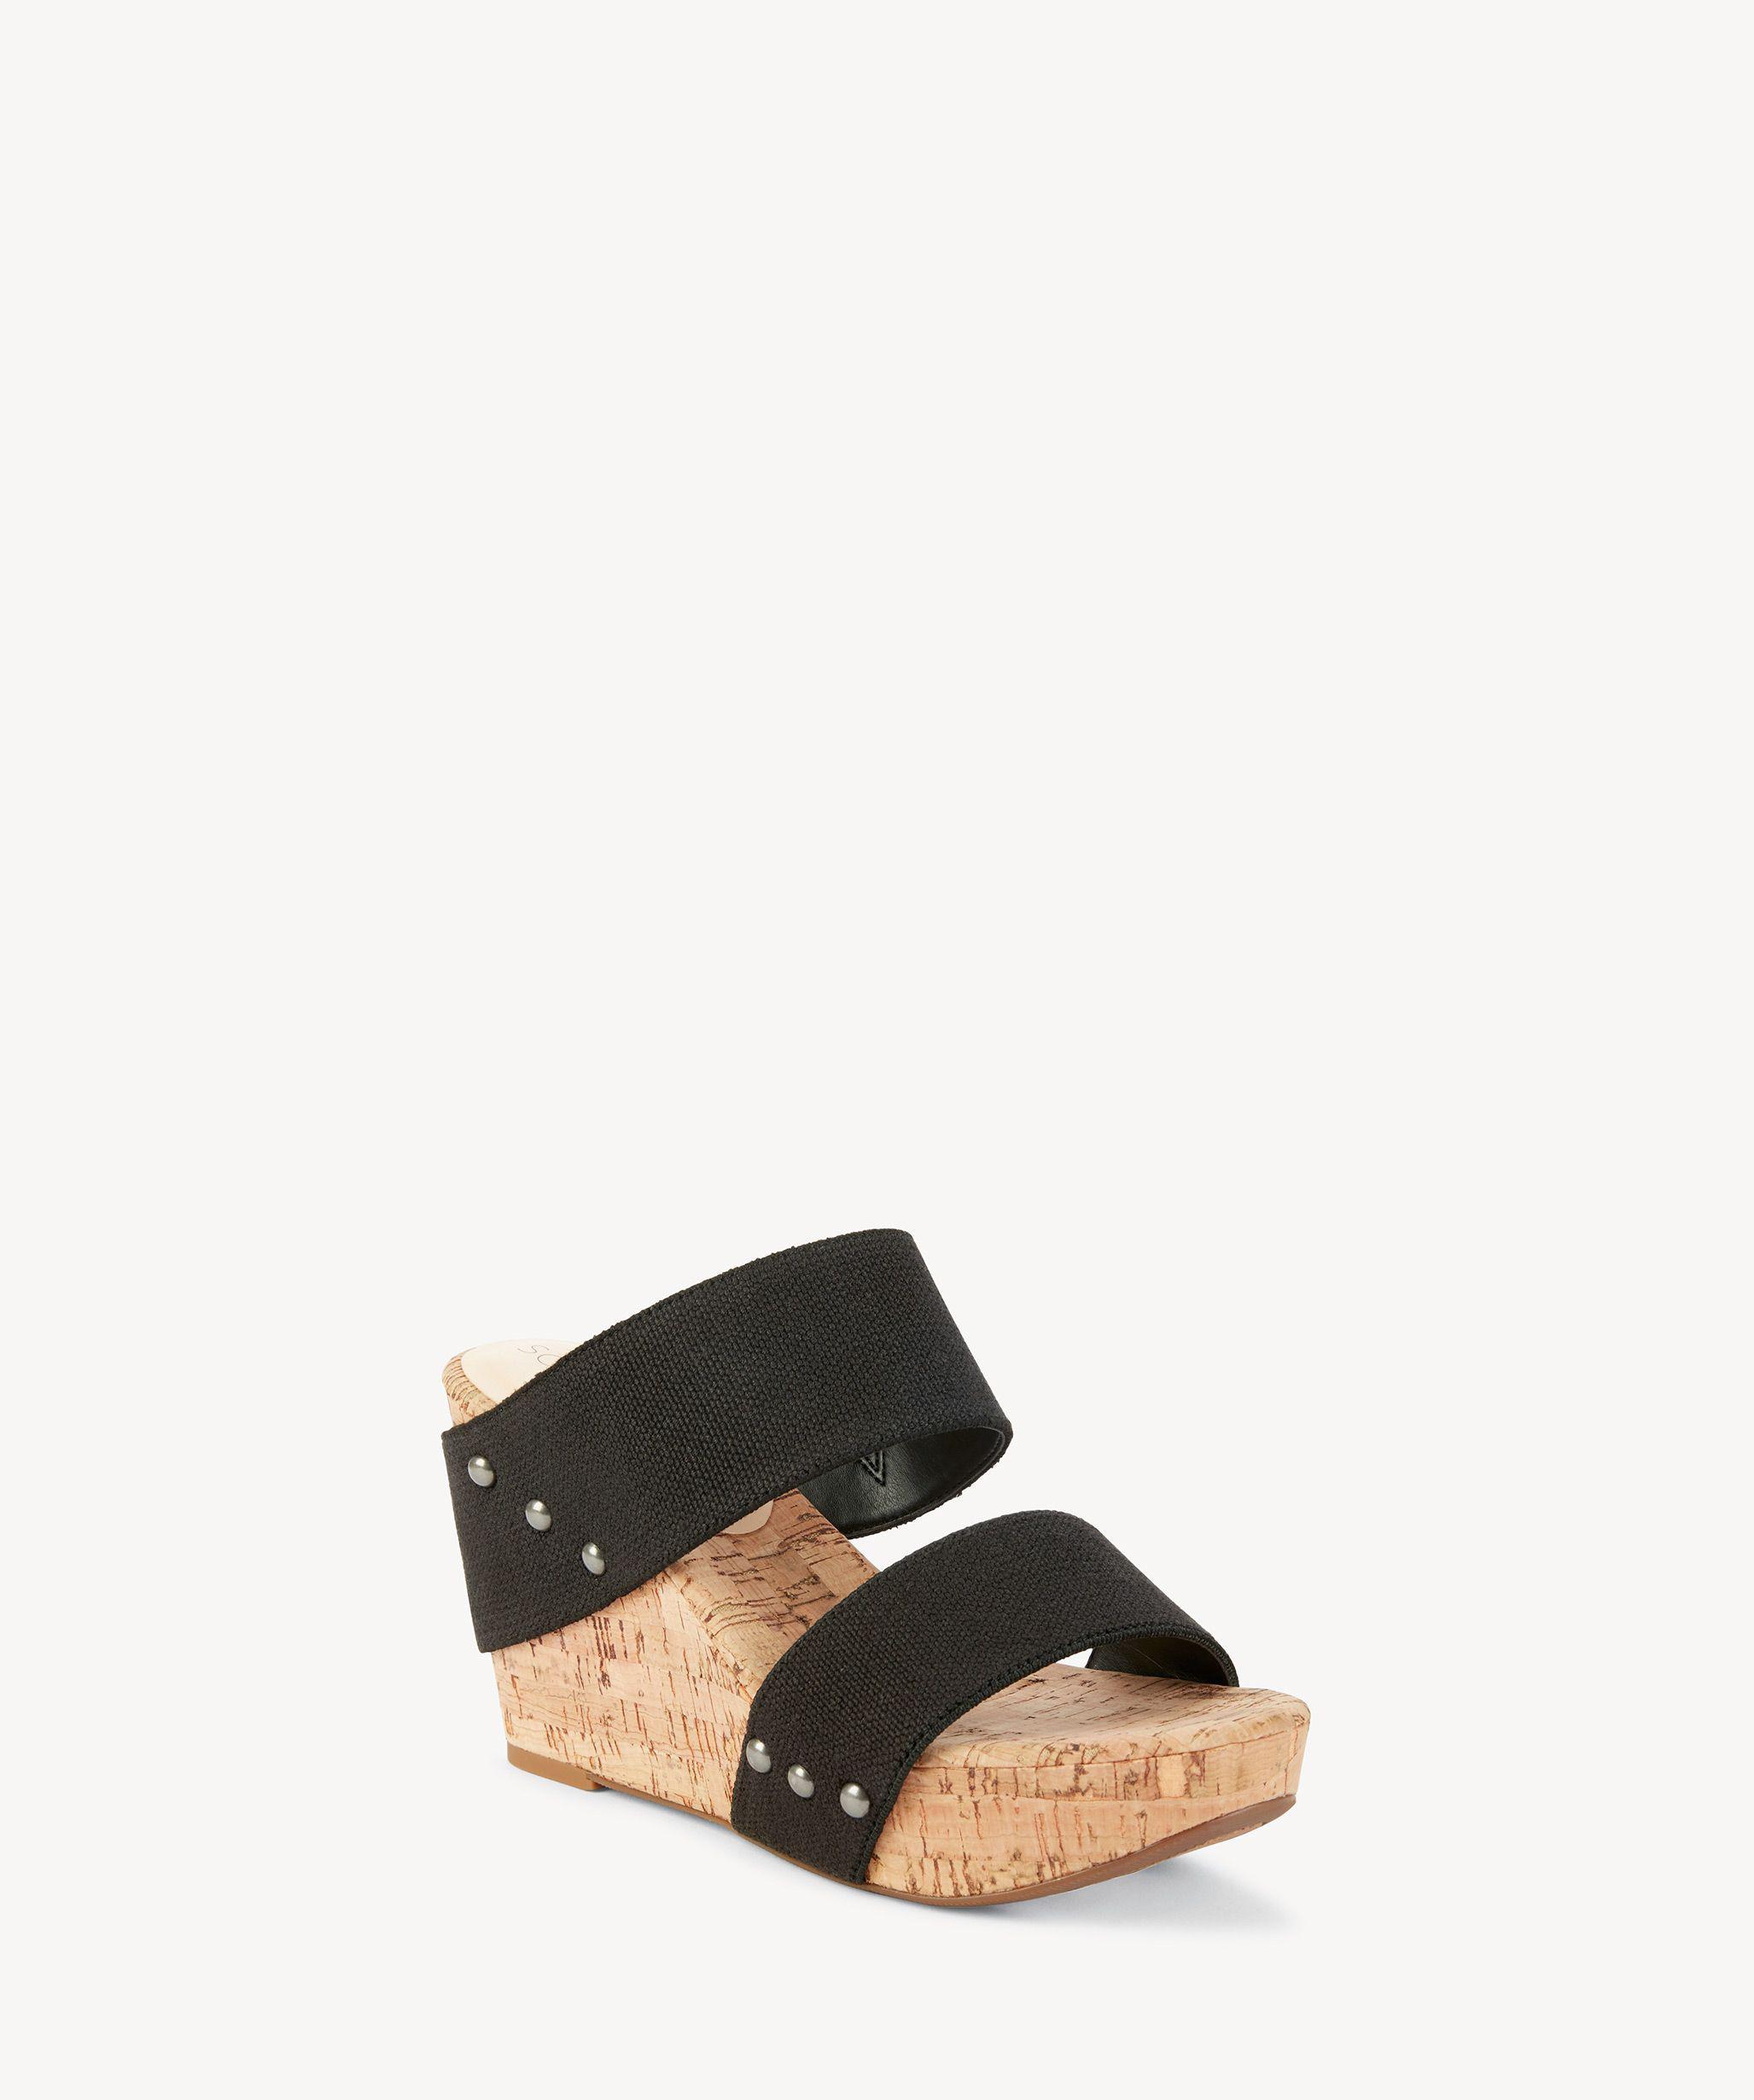 04af86382dd9 Sole Society Emilia Platform Wedge Sandal in Black - Lyst